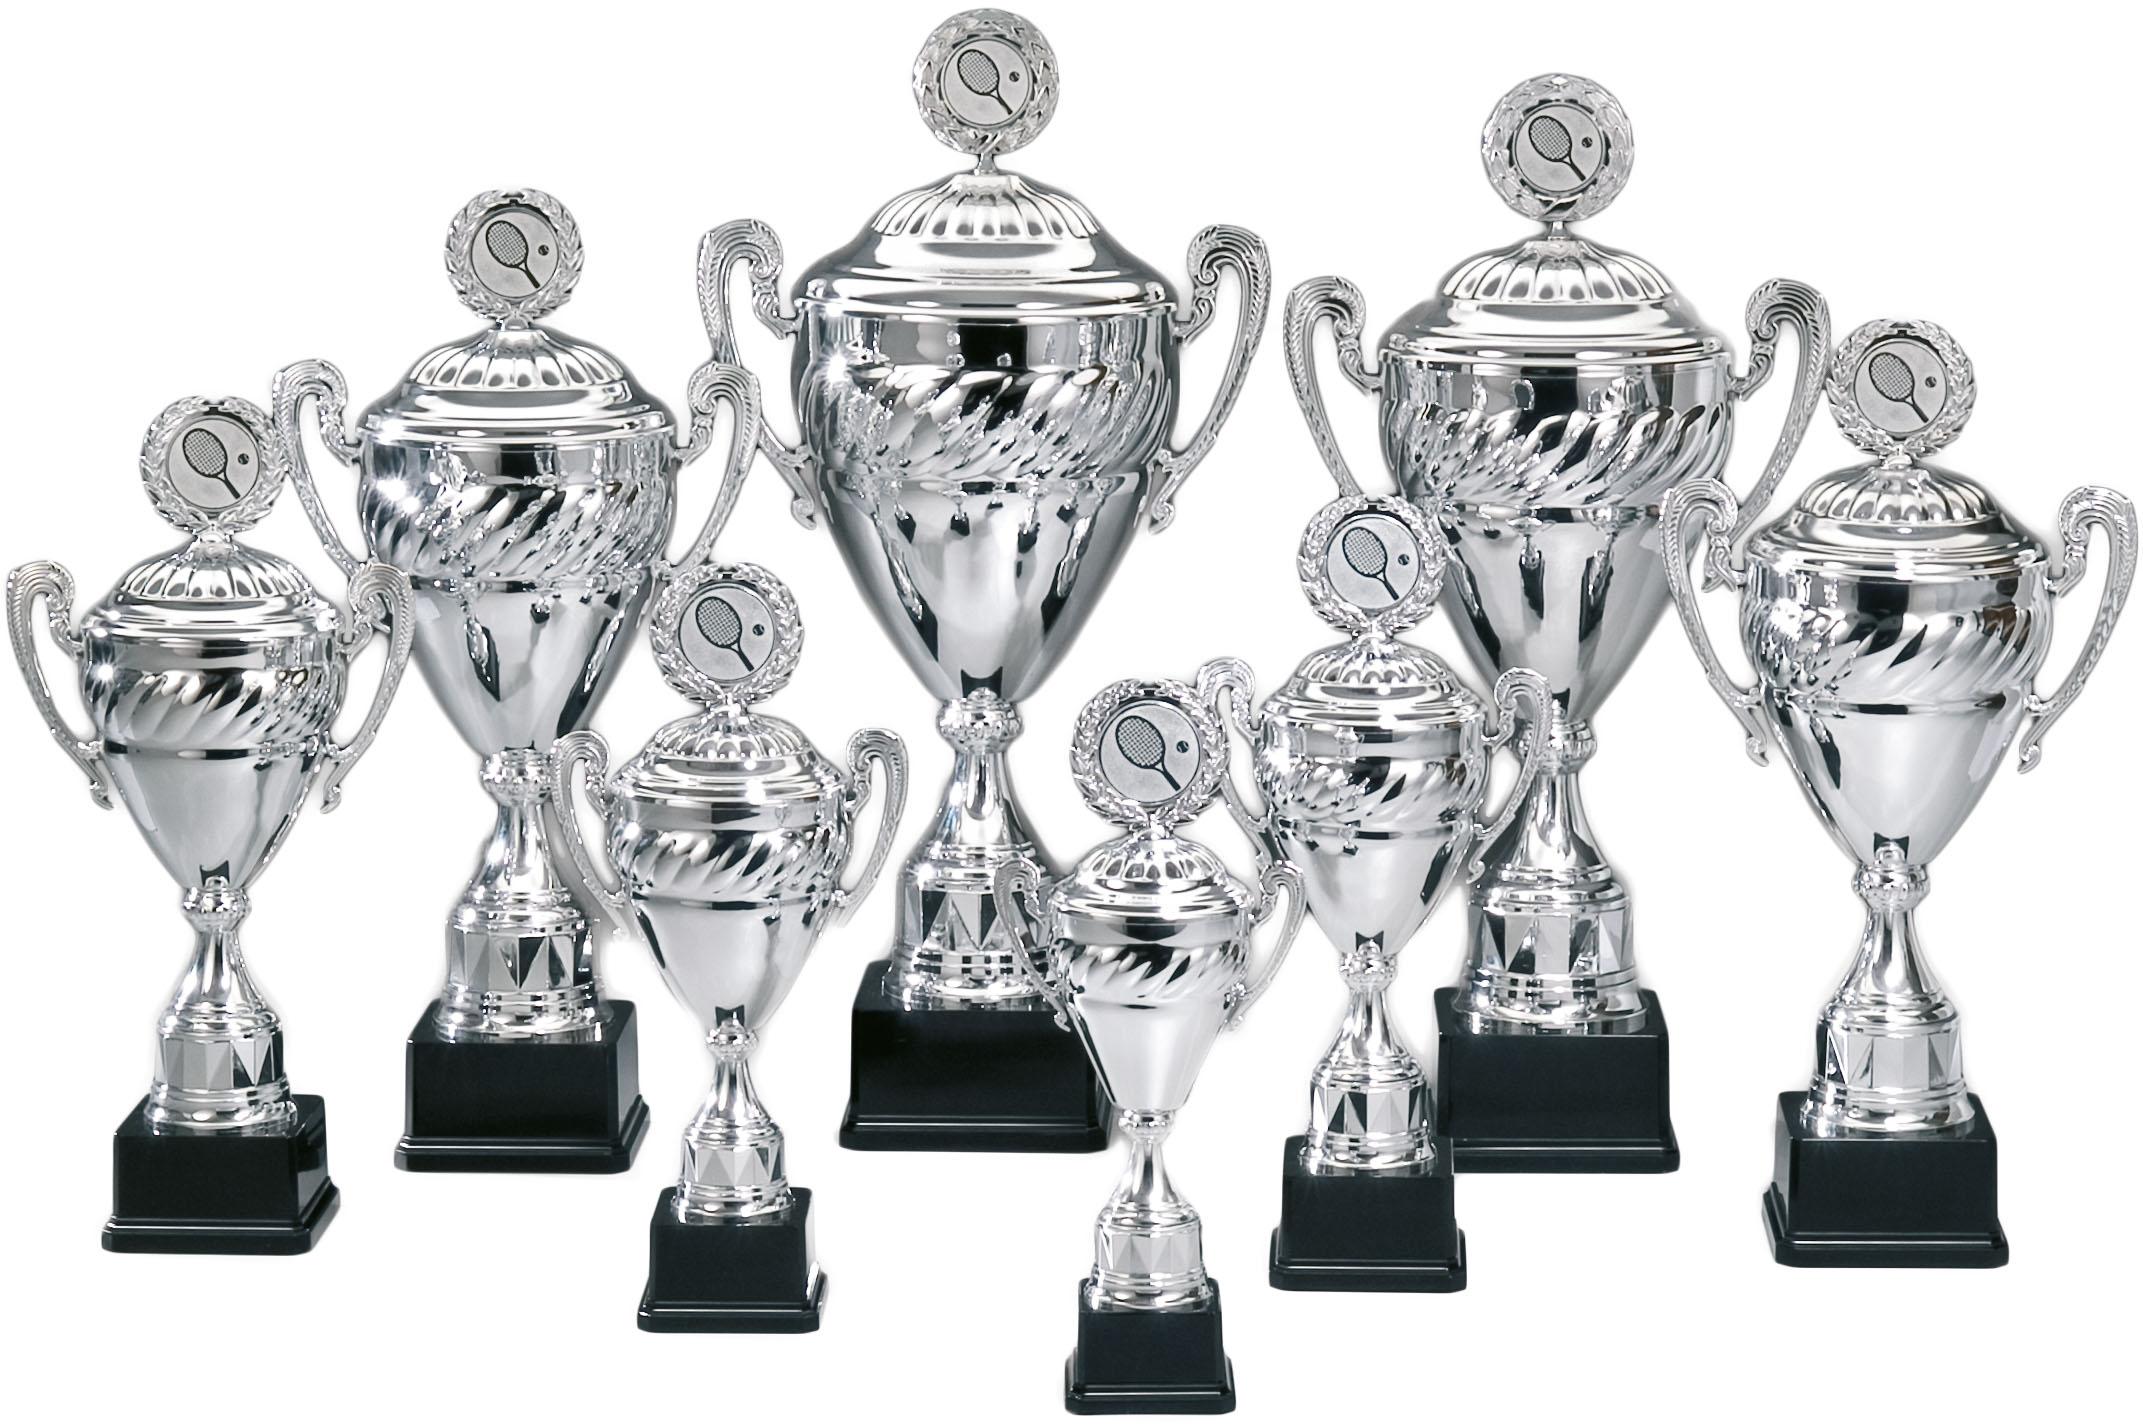 Pokale aus 10er Pokalserie: 68600 - 68609, 36,0 - 65,0 cm